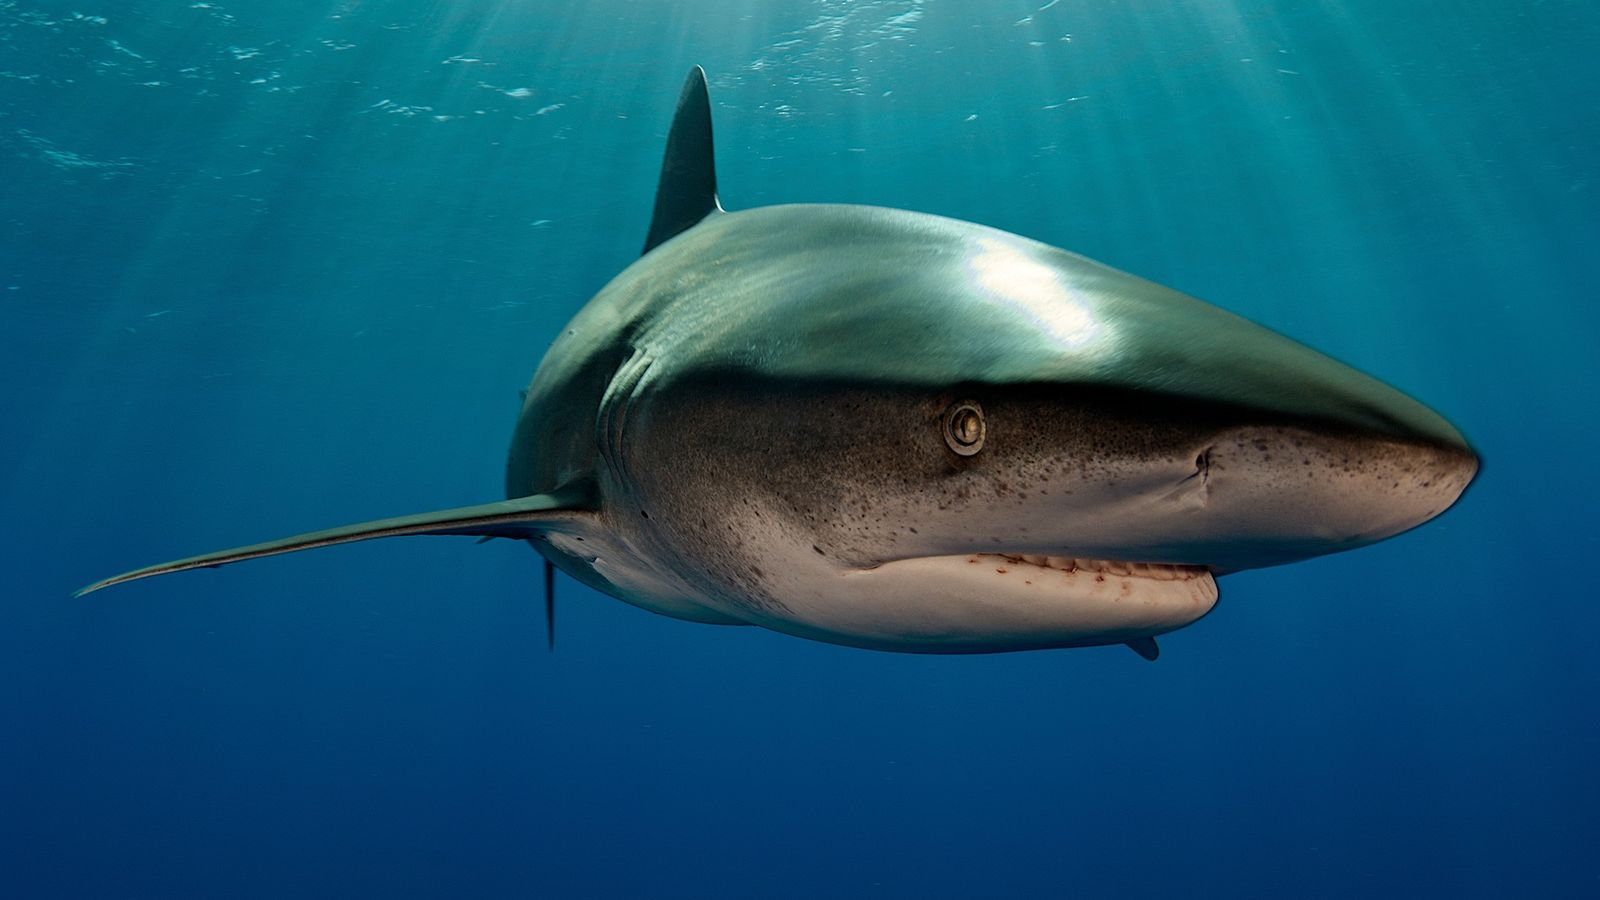 Un requin longimane nage au large des Bahamas. Ces requins chassent généralement en surface, ce qui ...